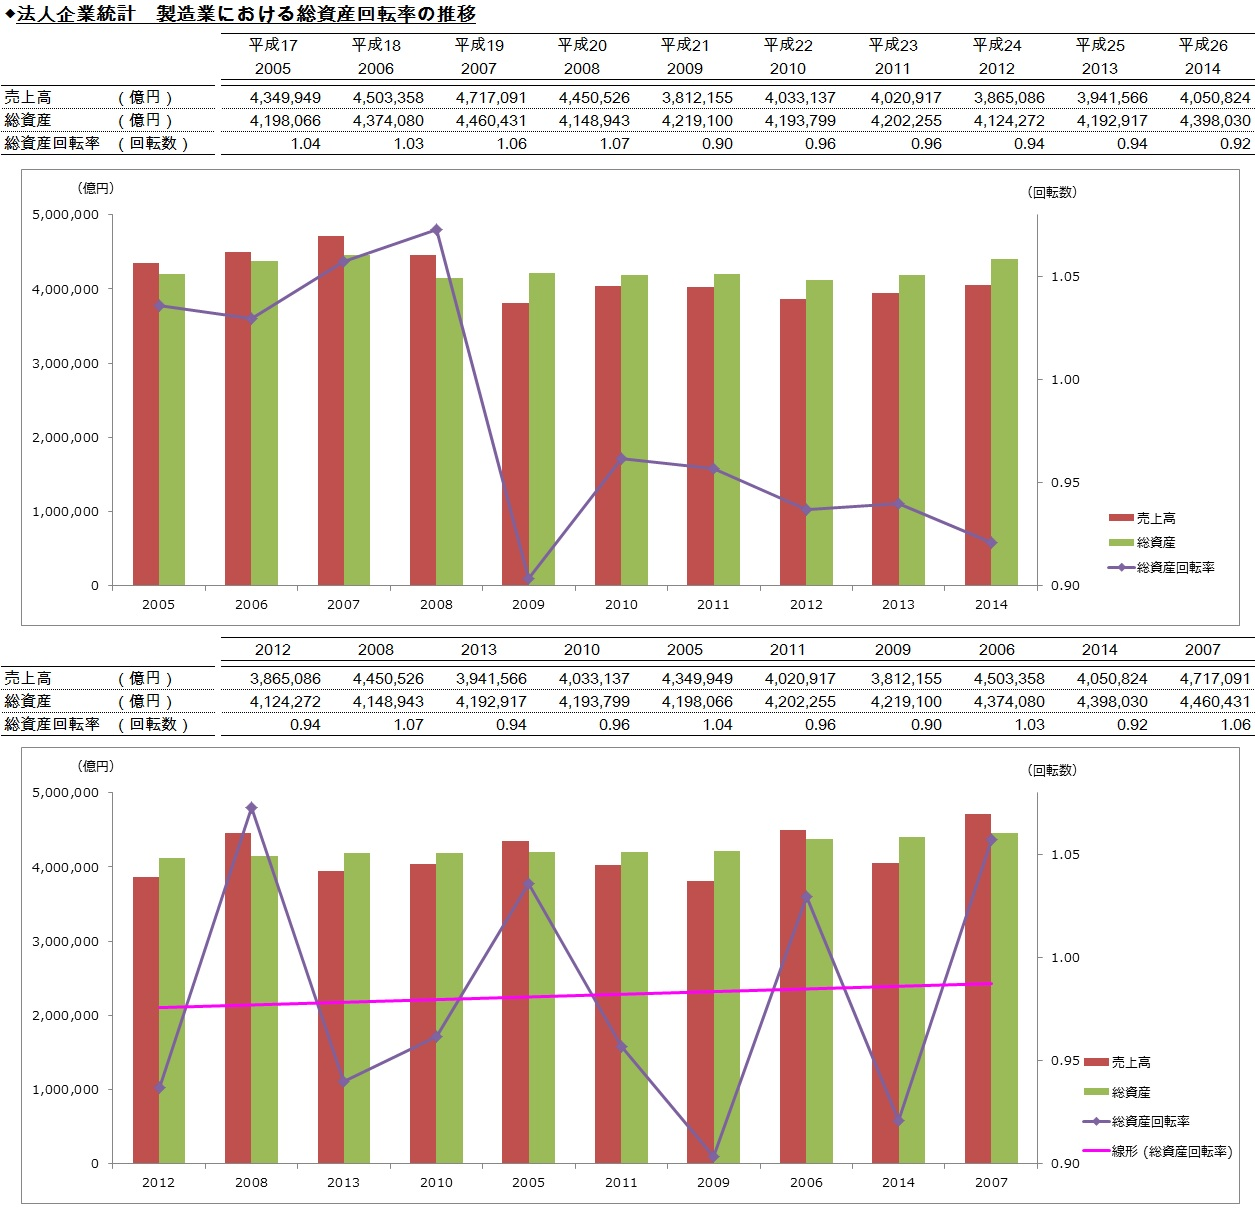 20170507_法人企業統計_製造業における総資産回転率の推移